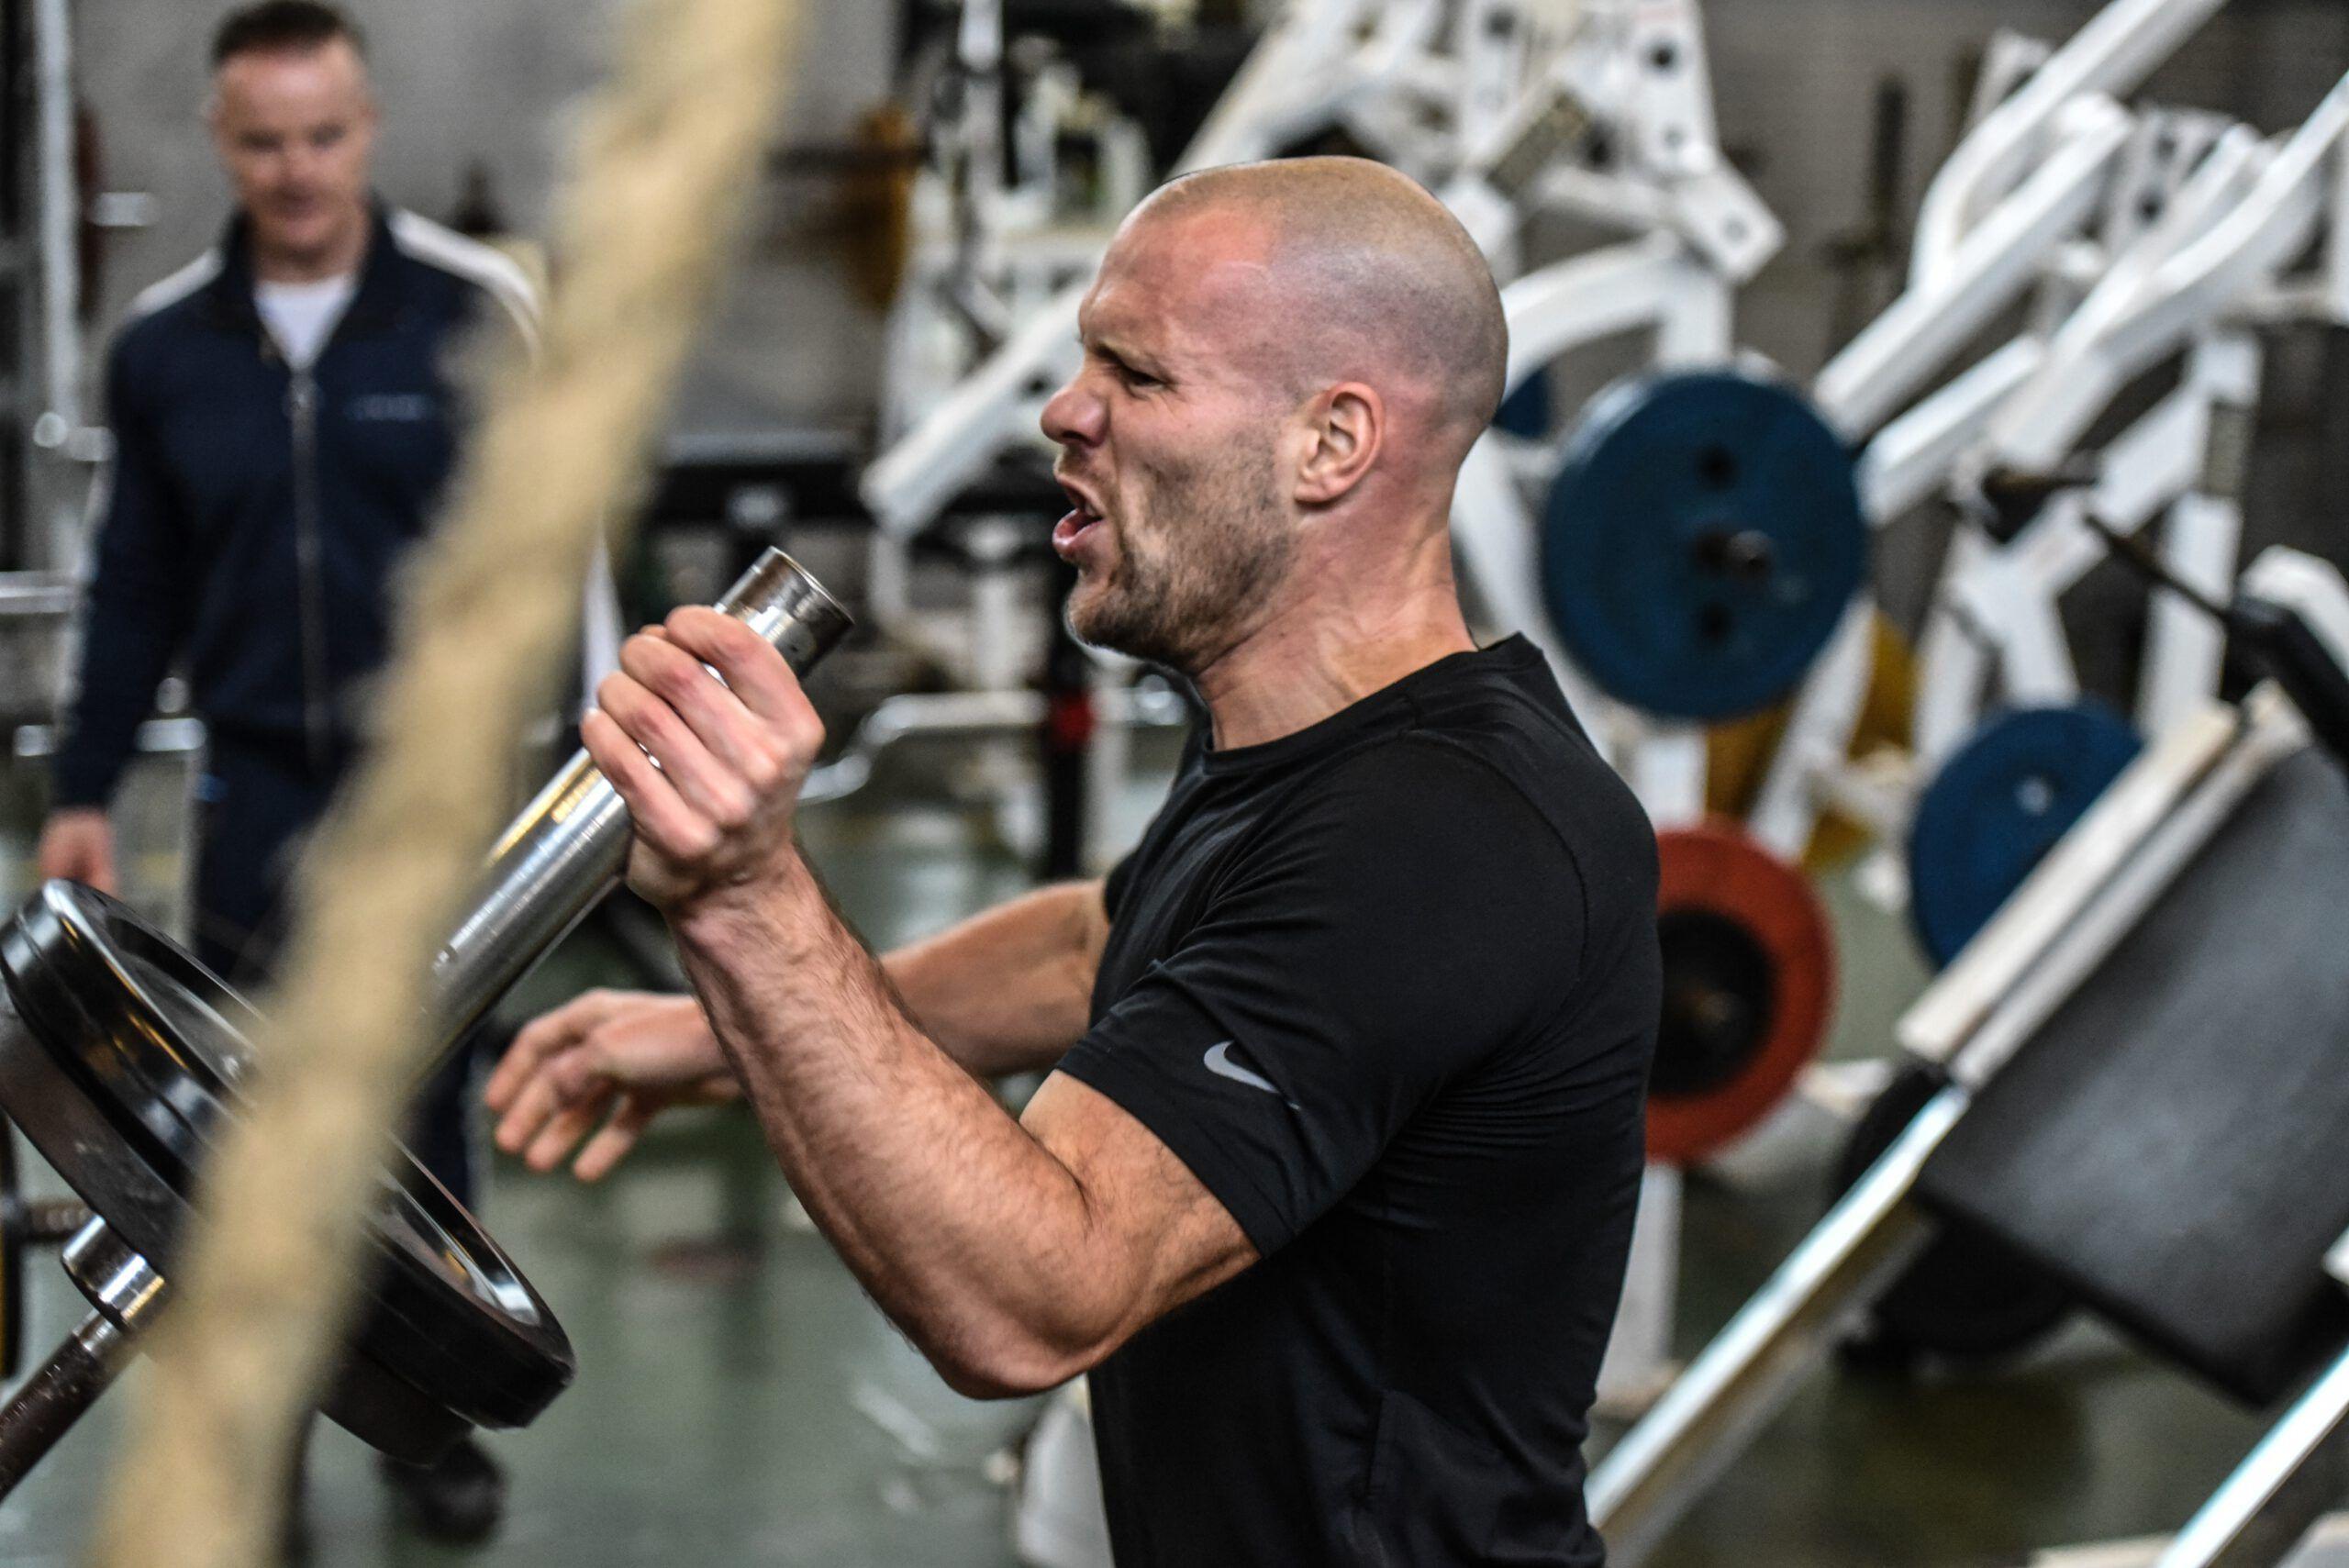 hard trainen zorgt vaak voor spierpijn